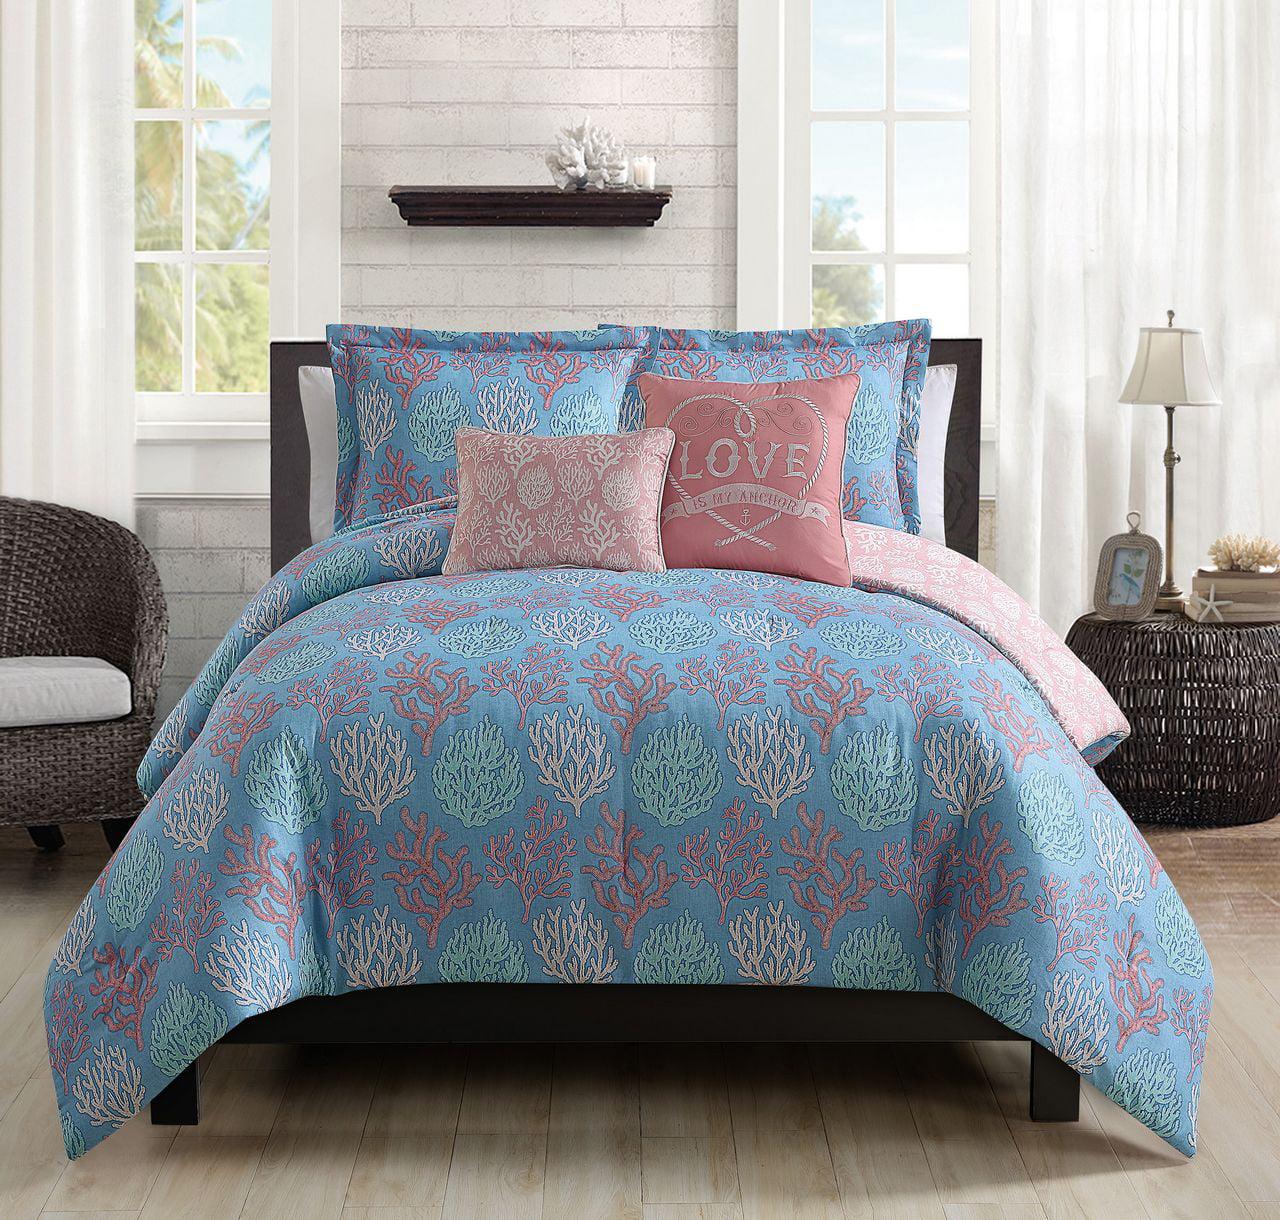 5 Piece Venice Beach Blue/Coral Comforter Set